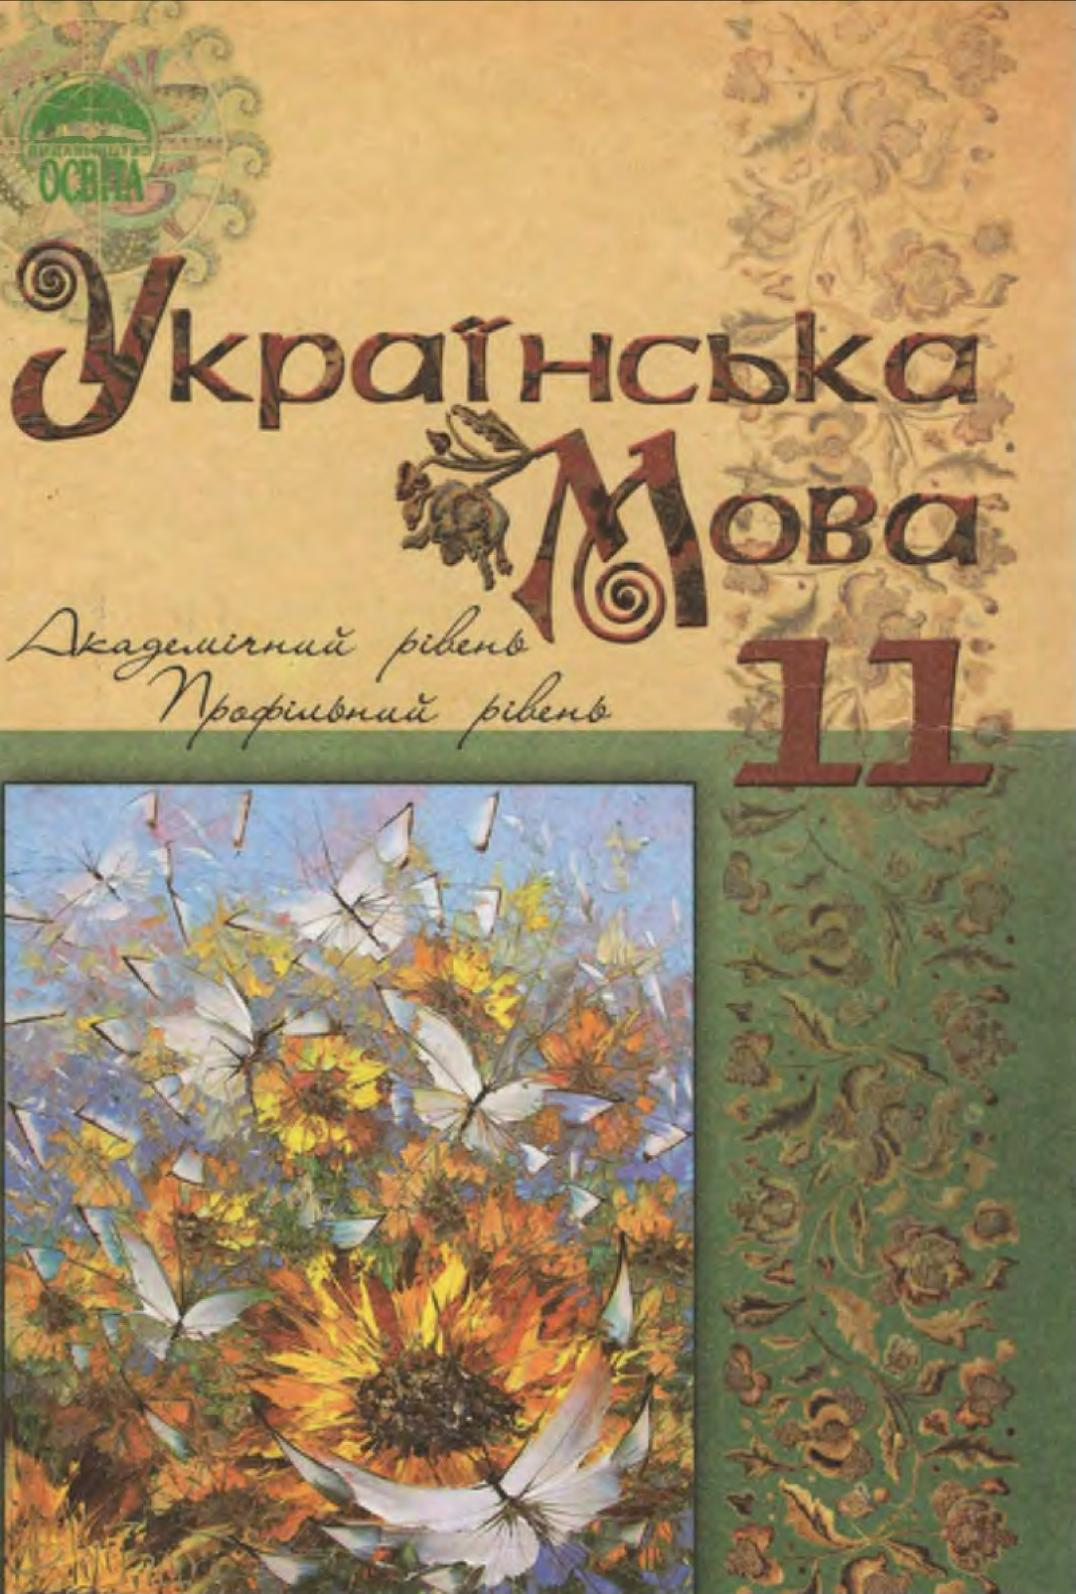 Решебник горошкина о.м. язык украинский автор